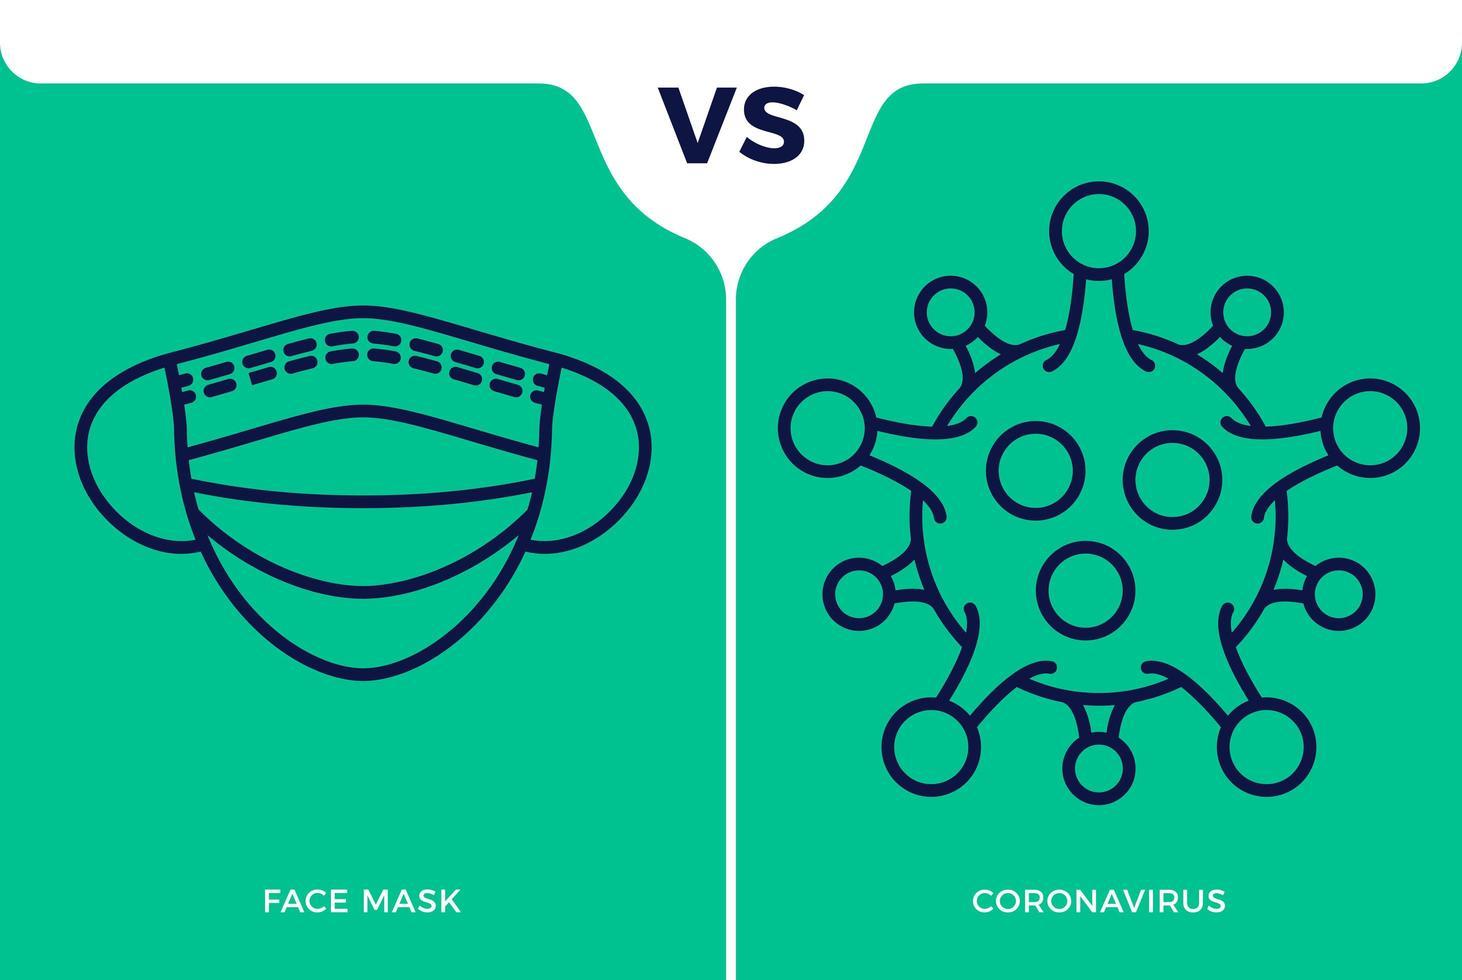 Banner Gesichtsmaske Symbol vs oder gegen Coronavirus Konzept Schutz covid-19 Zeichen Vektor-Illustration. Hintergrund des Covid-19-Präventionsdesigns. vektor